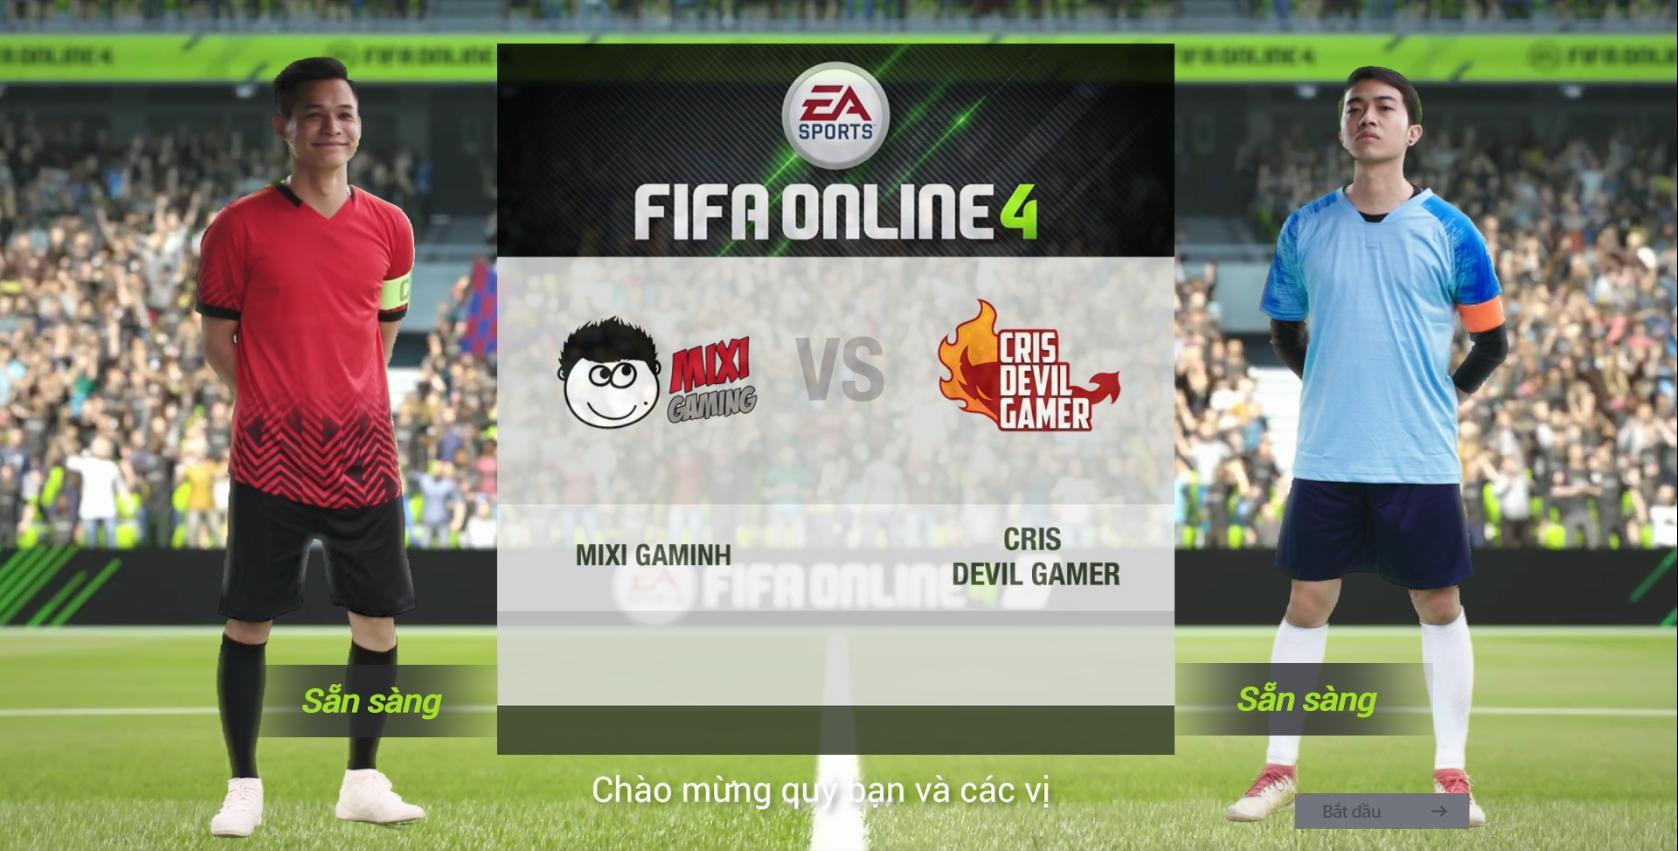 Trận đấu vô tiền khoáng hậu của Phan Văn Đức và Quế Ngọc Hải cùng bộ đôi streamer Độ Mixi, Cris Devil Gamer - Ảnh 2.